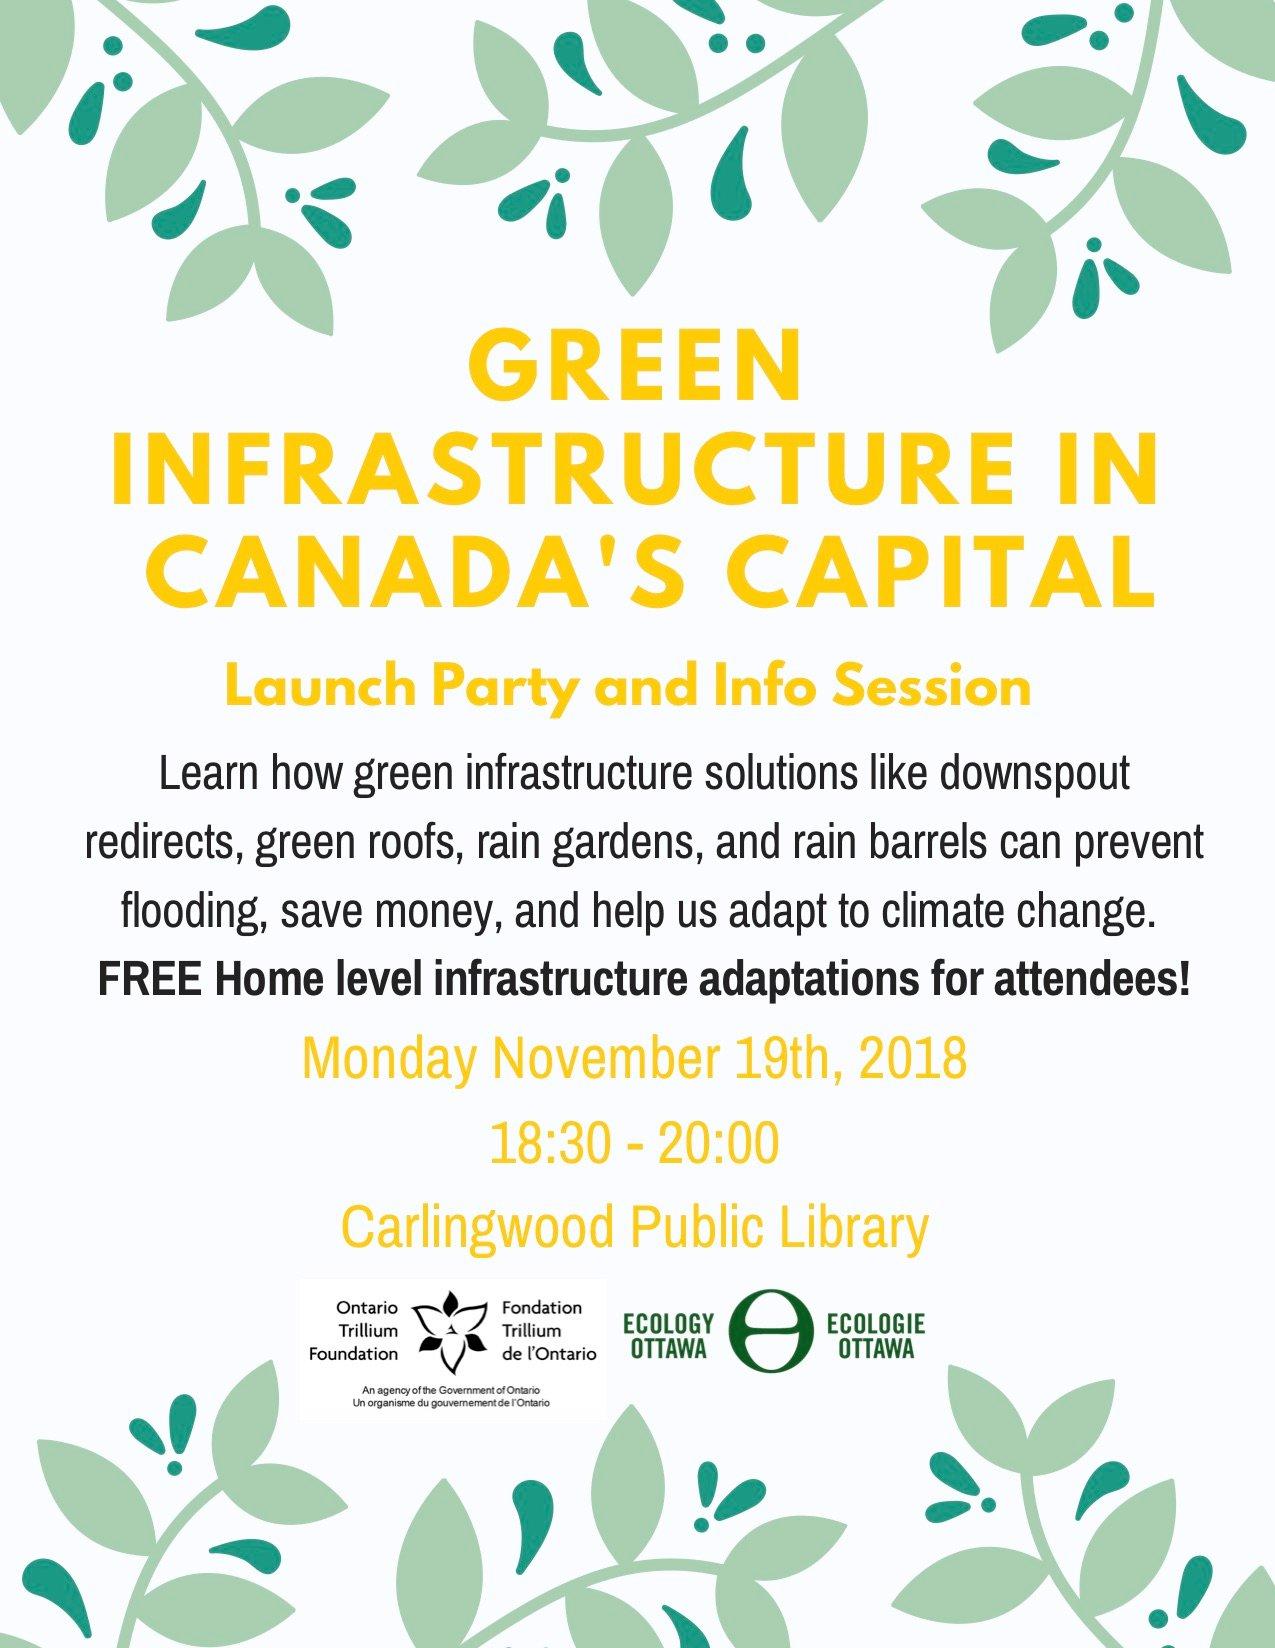 Greeninfrastructure 101